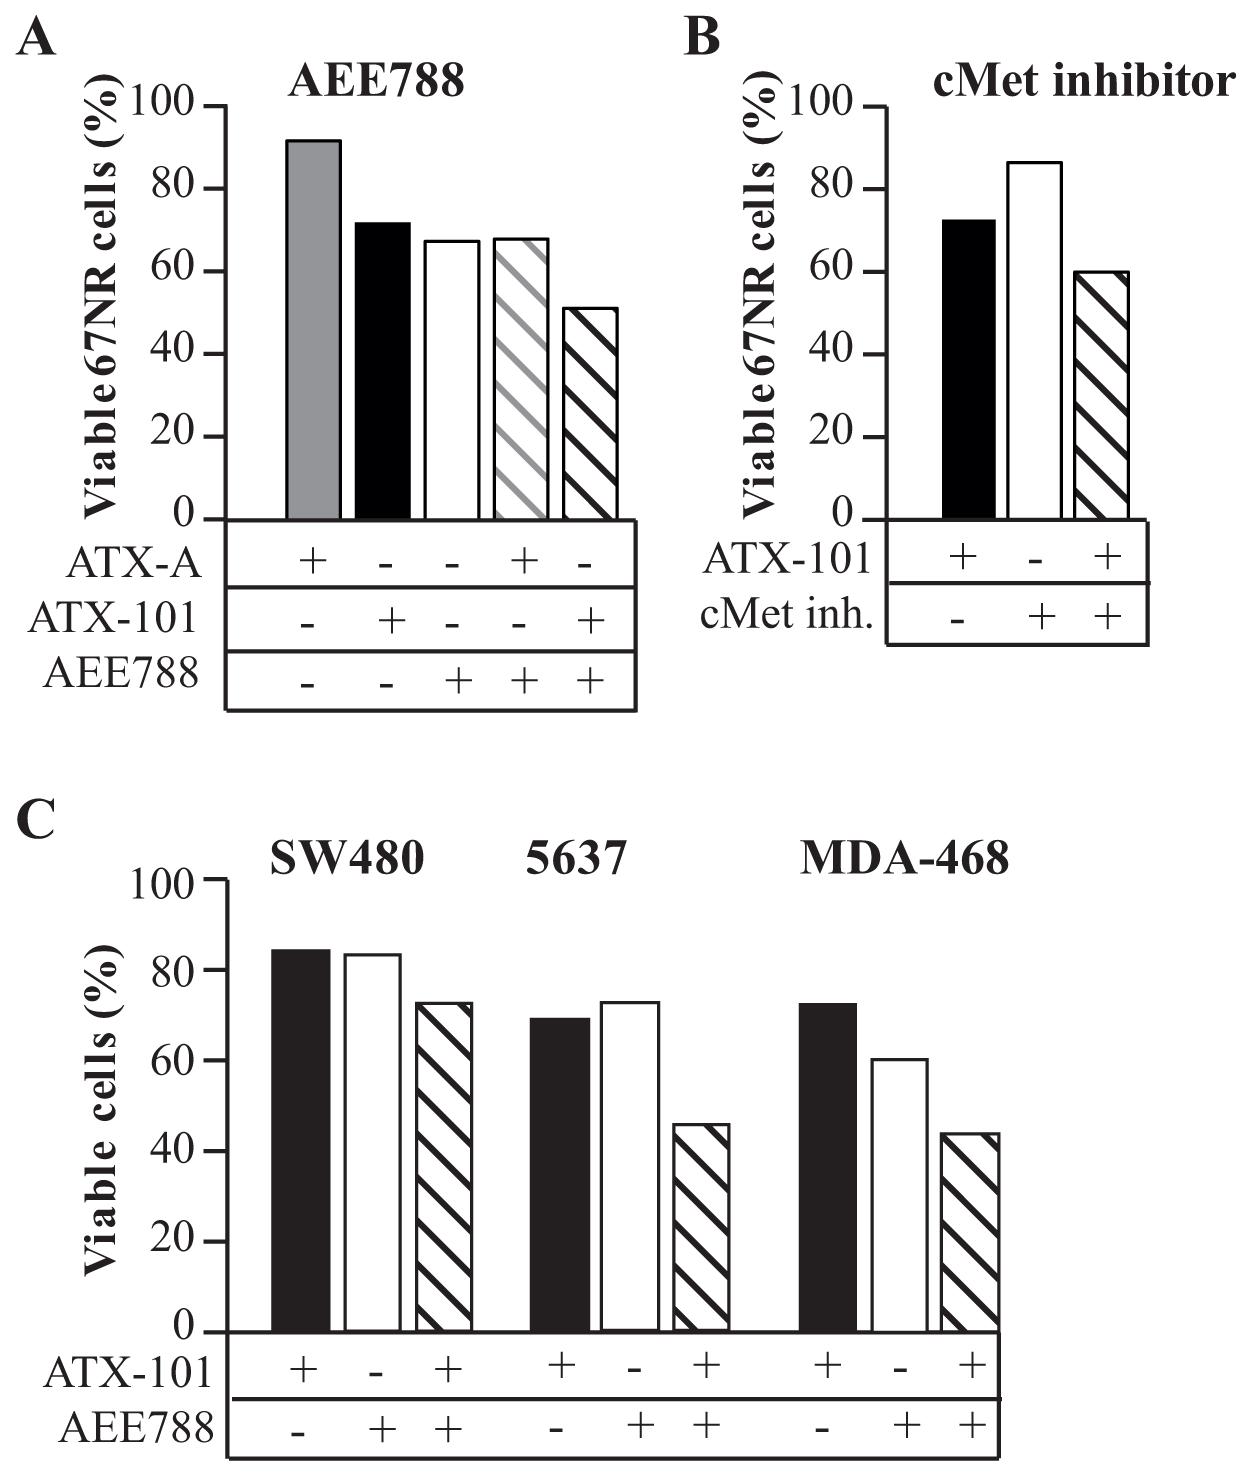 ATX-101 enhances the efficacy of RTK inhibition.